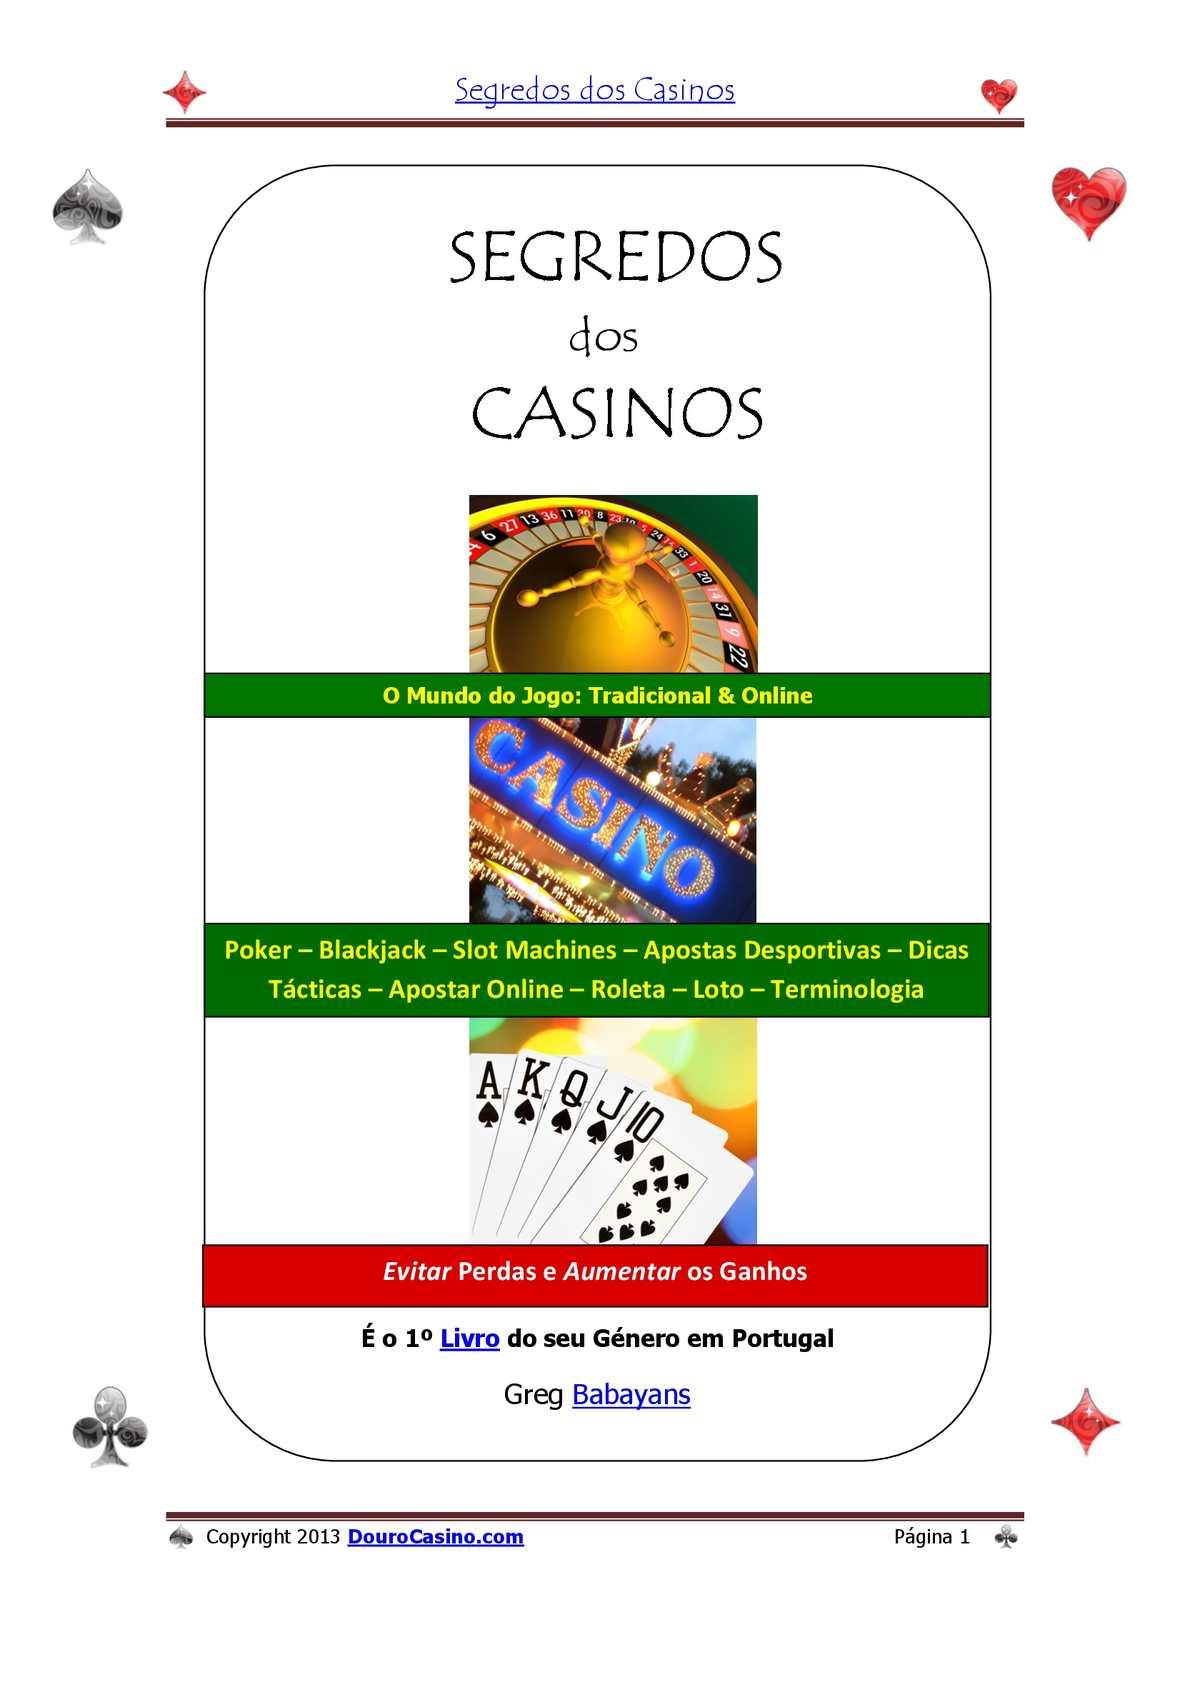 Estrategia roleta casinos 45819